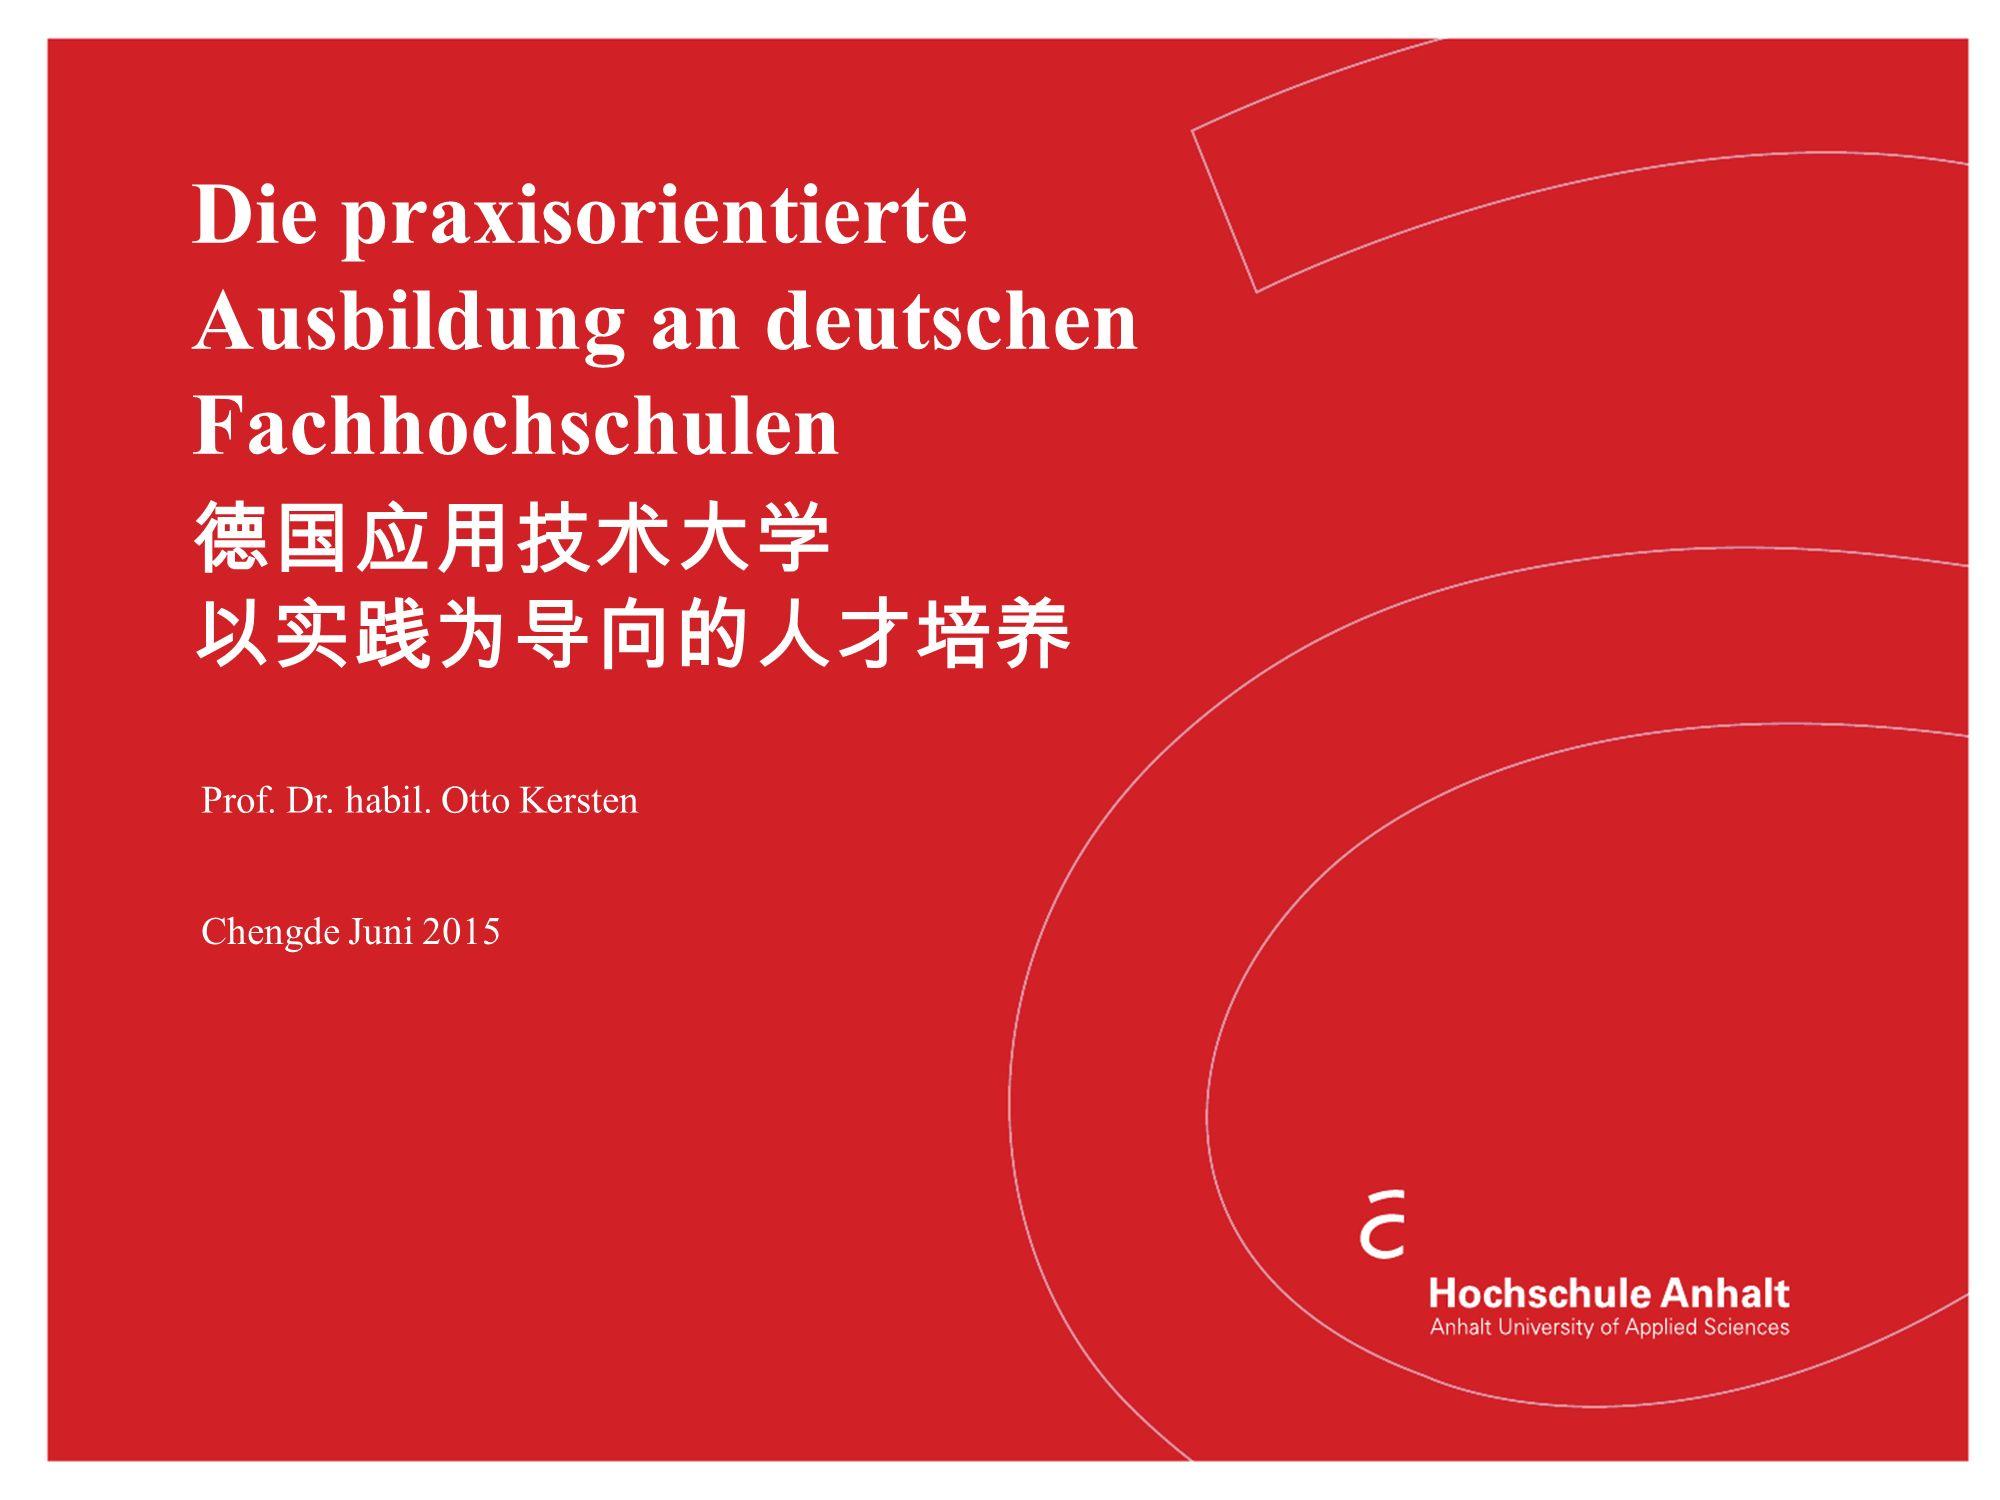 Die praxisorientierte Ausbildung an deutschen Fachhochschulen Prof. Dr. habil. Otto Kersten Chengde Juni 2015 德国应用技术大学 以实践为导向的人才培养